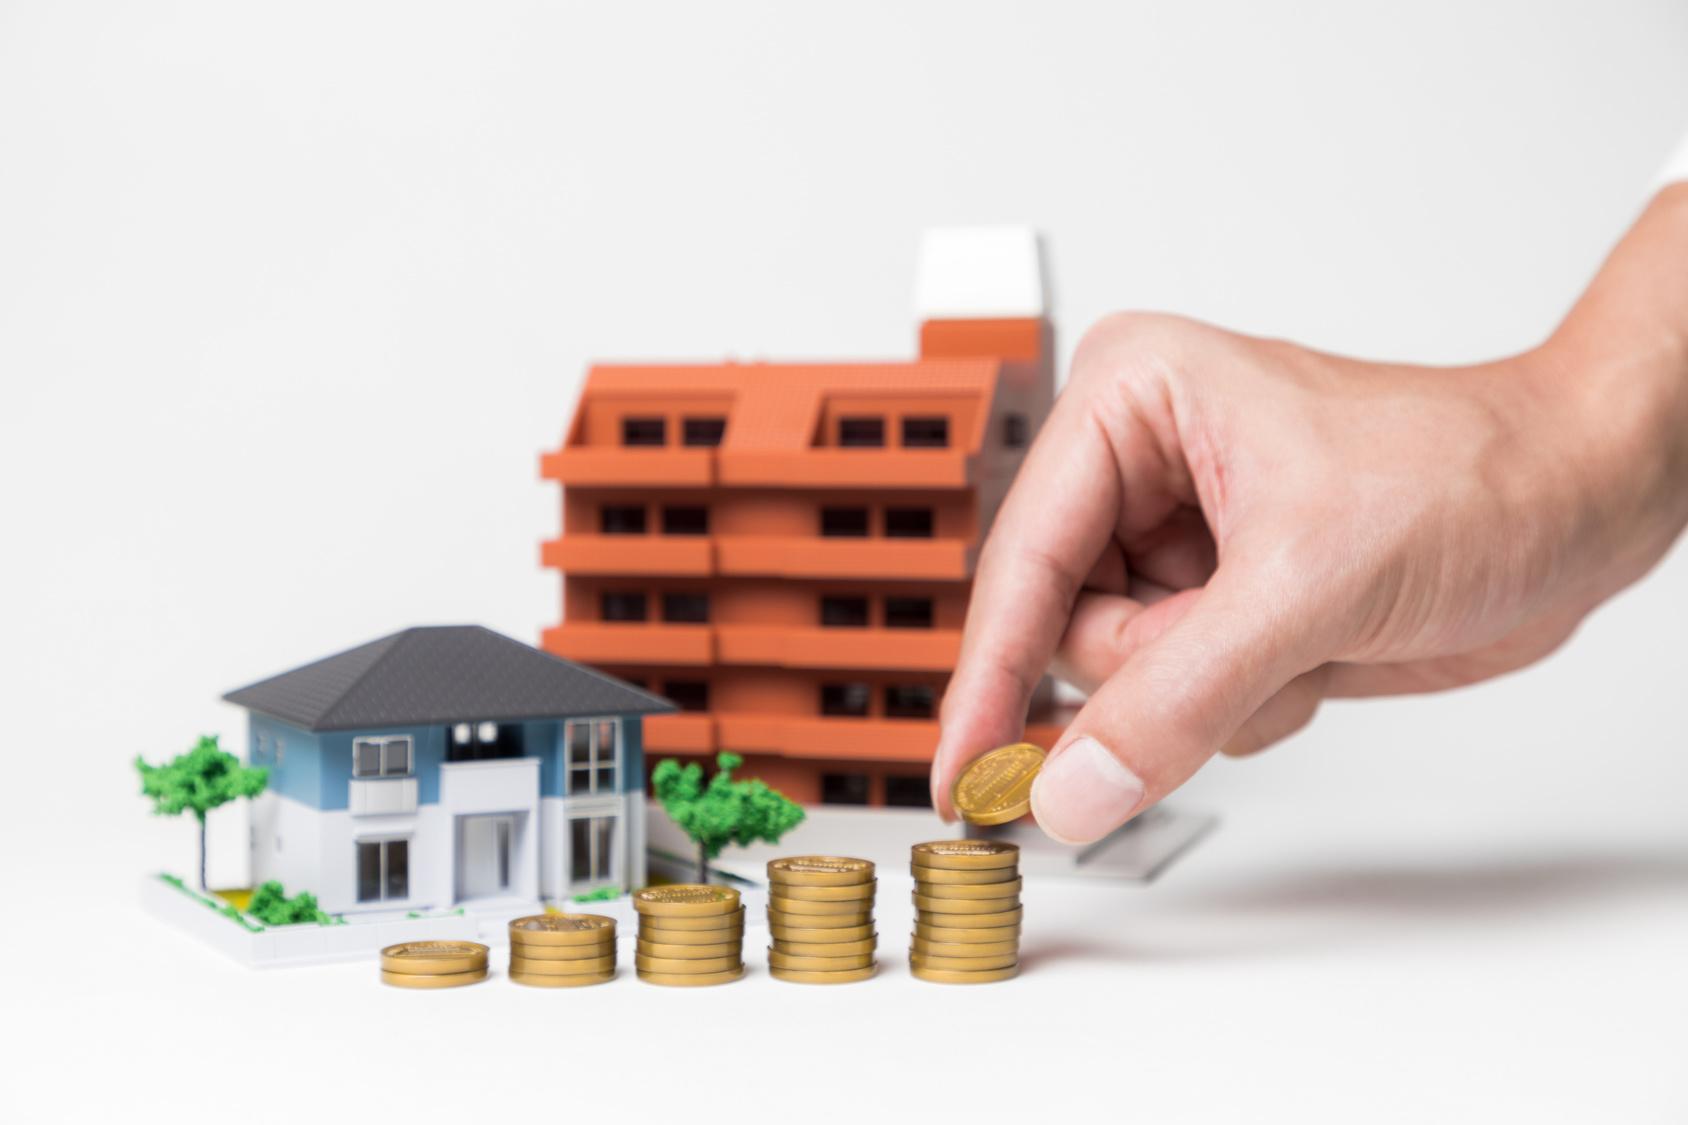 住宅ローン諸費用のよくある7つの疑問